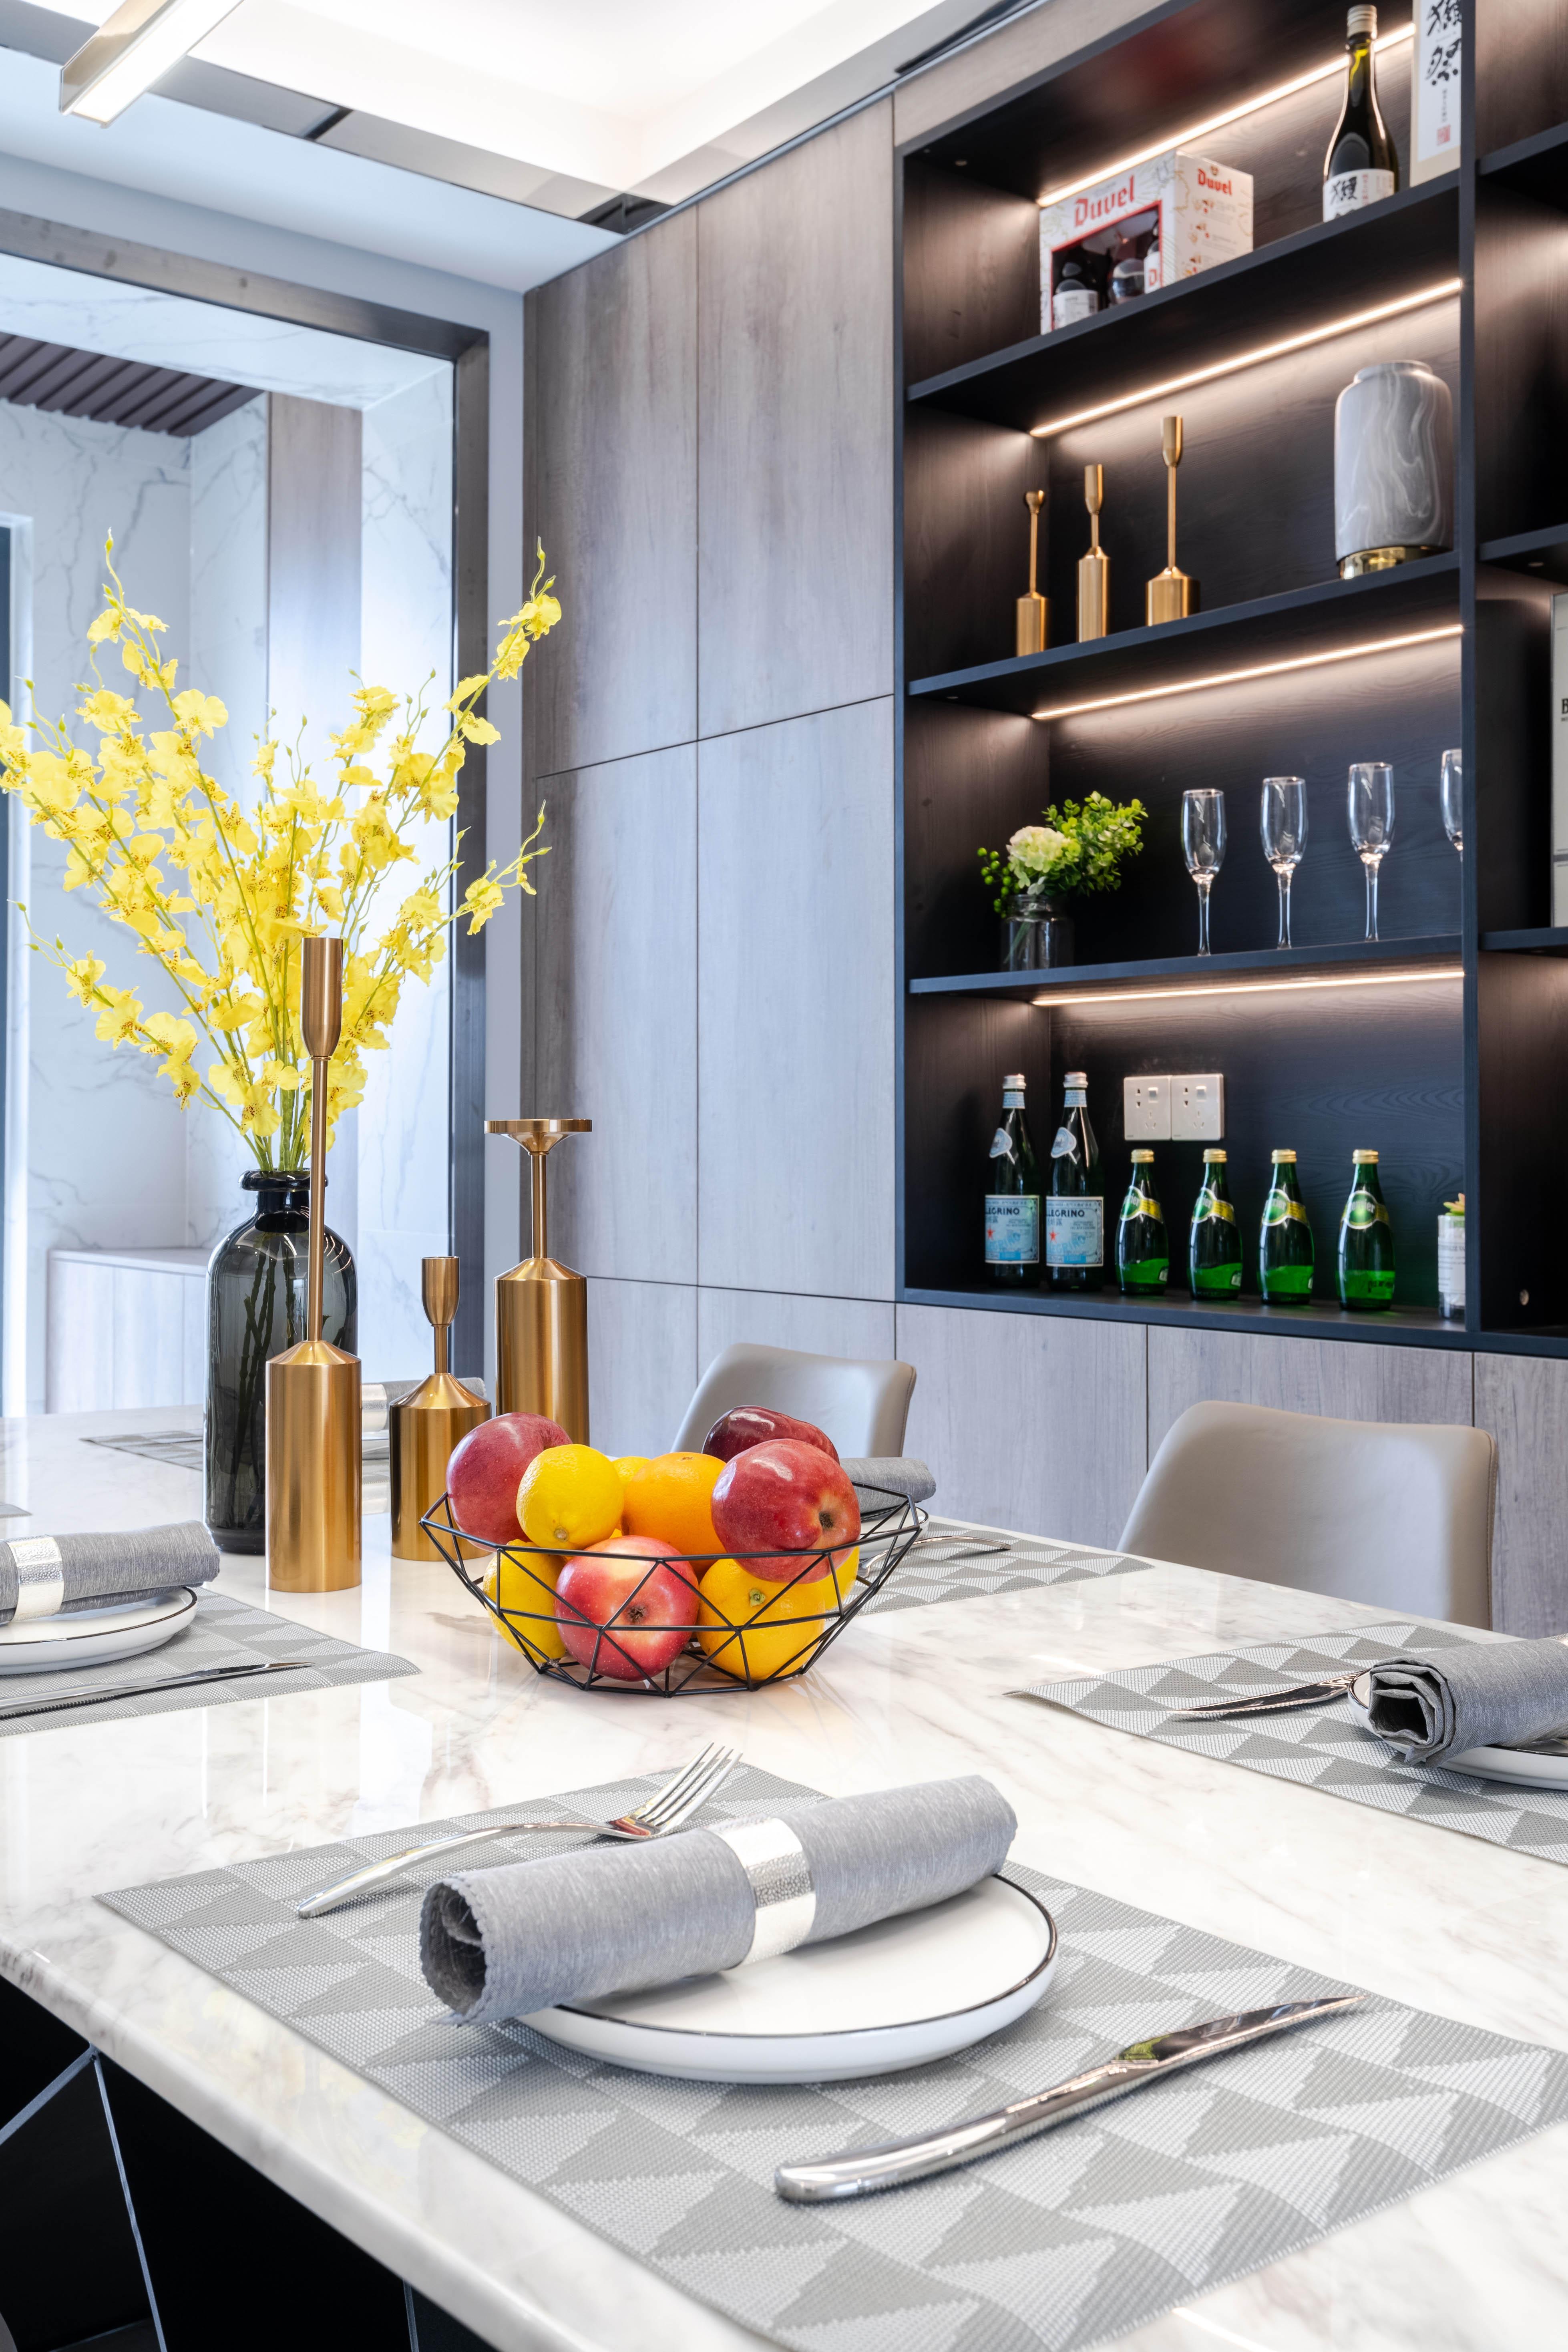 155㎡现代风格装修餐厅酒柜设计图